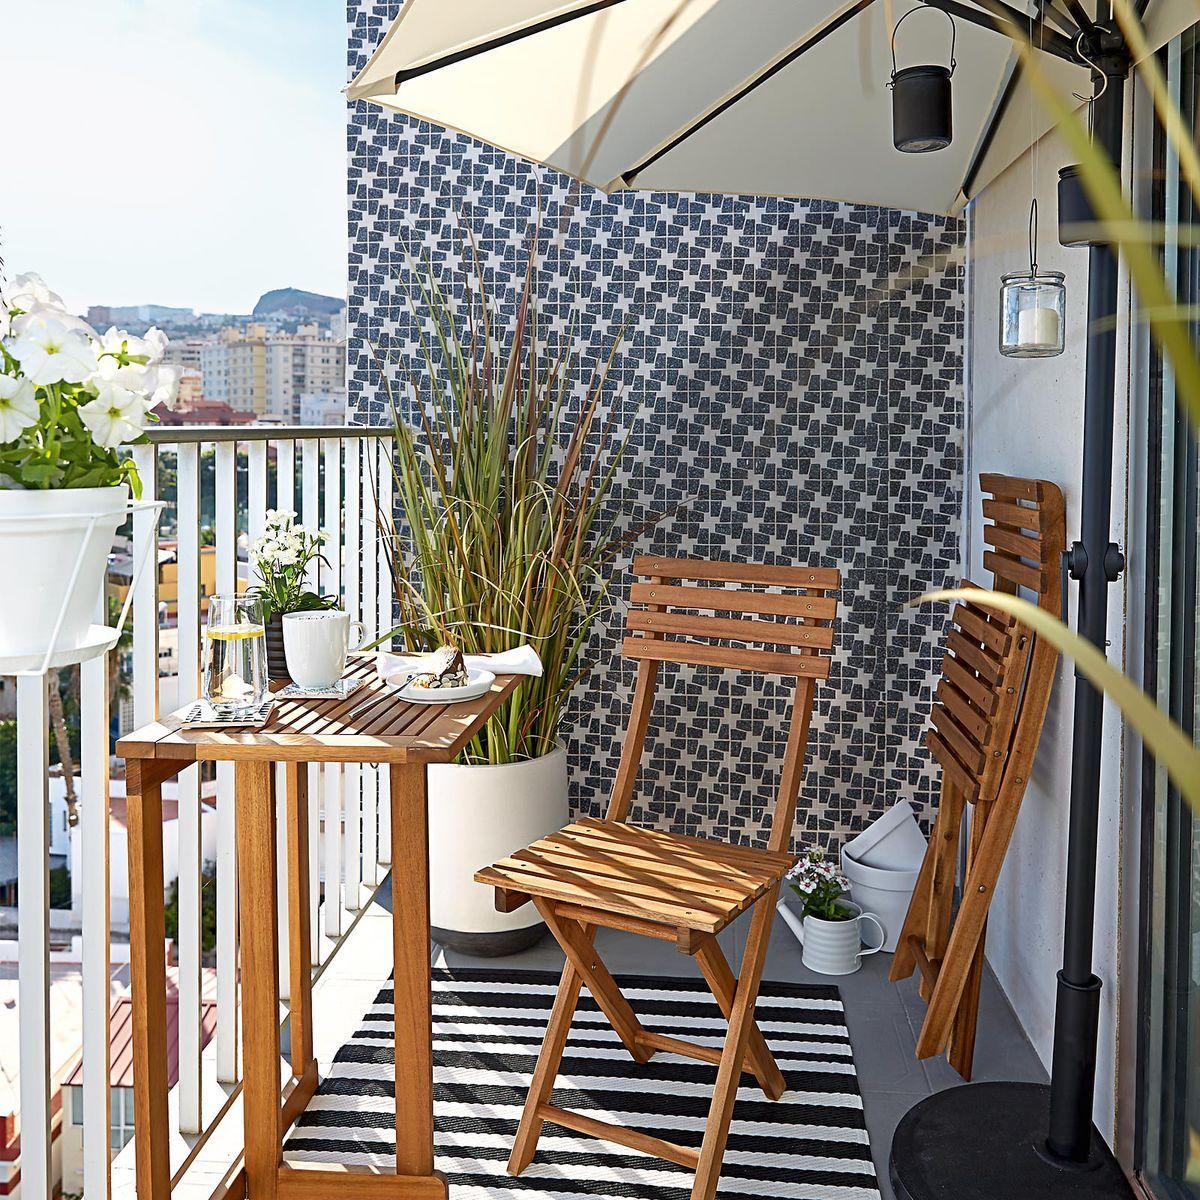 sonnenschirm halbrund hellbeige b 210 x h 230 cmsonnenschirm halbrund hellbeige b 210 x h 230 cm. Black Bedroom Furniture Sets. Home Design Ideas